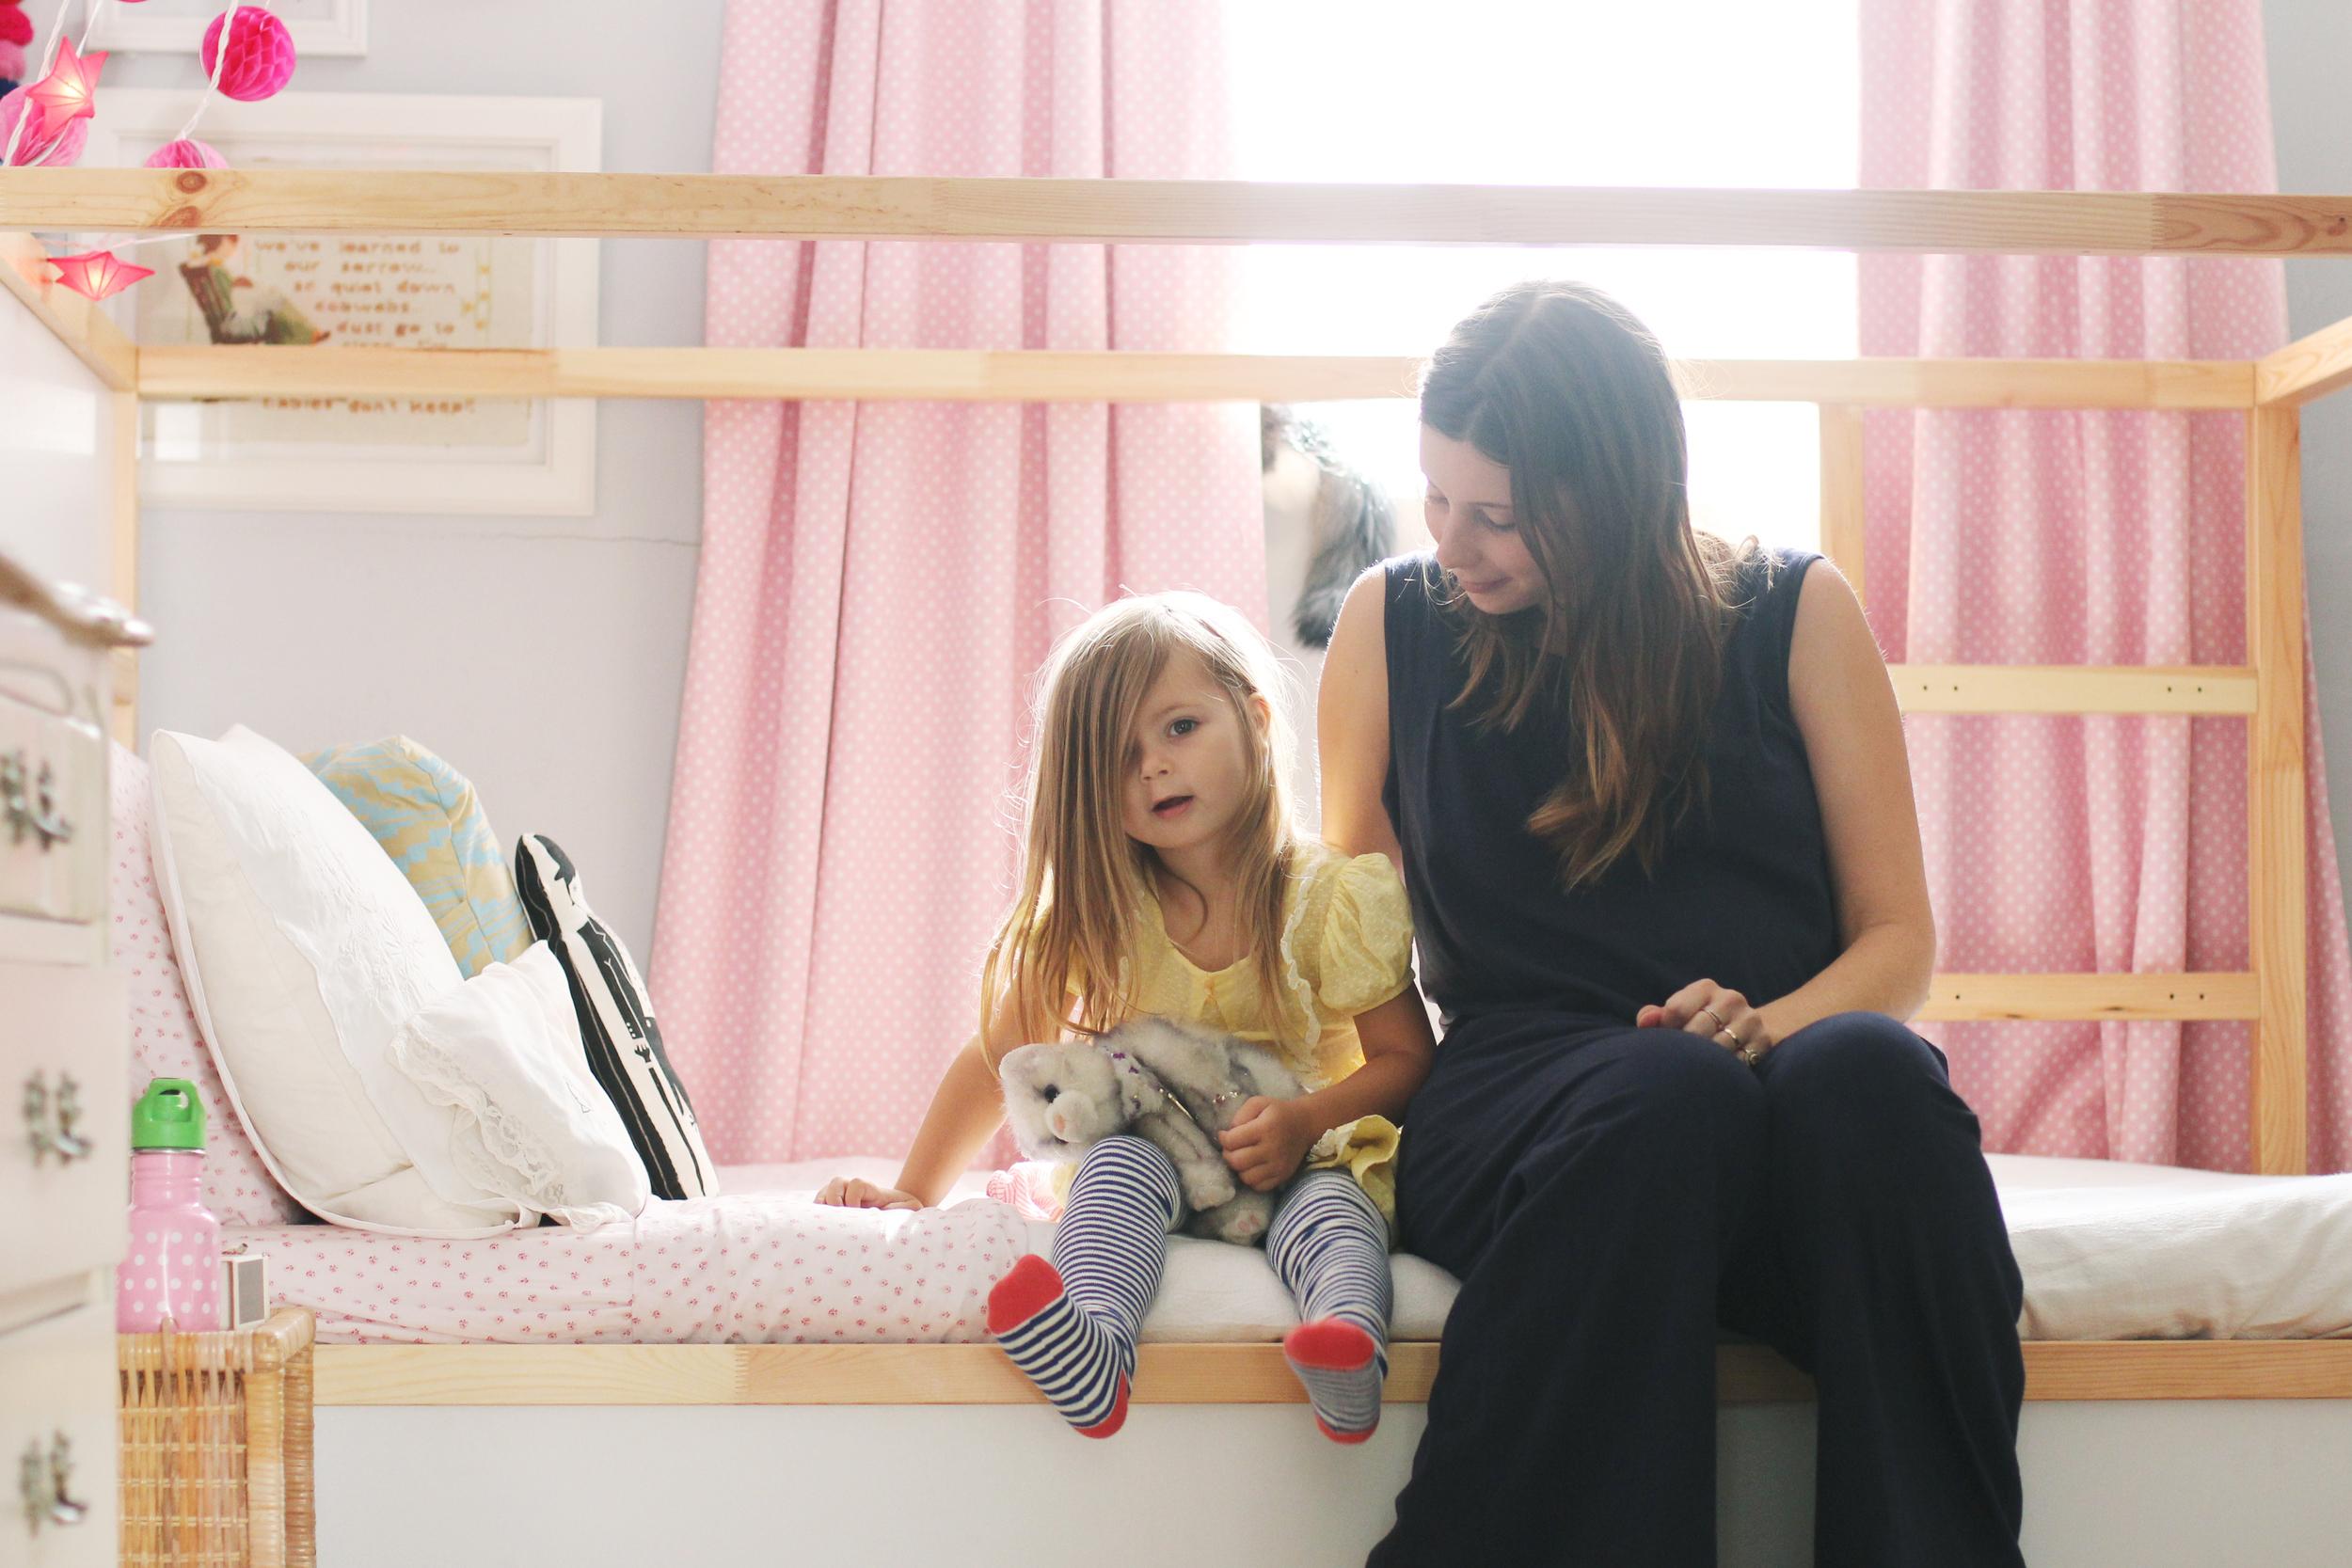 Bedside chat